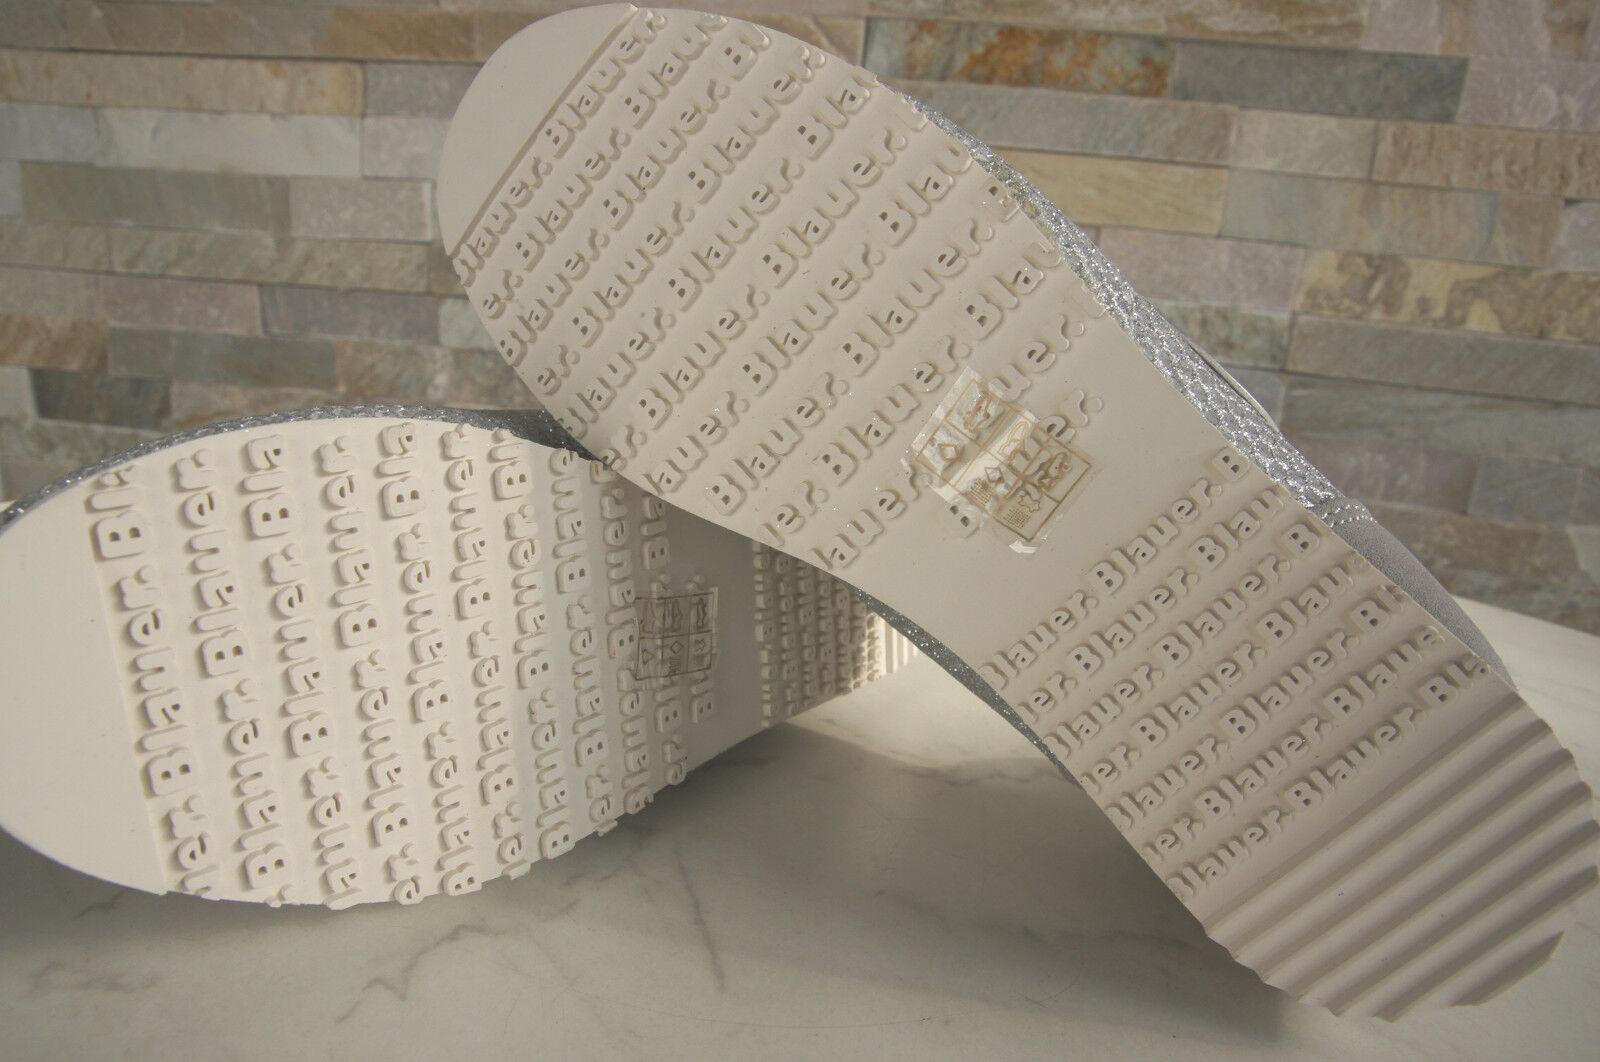 BLAUER USA Taglia normalissime 40 SNEAKERS normalissime Taglia scarpe Bowling grigie argento NUOVO UVP 256999